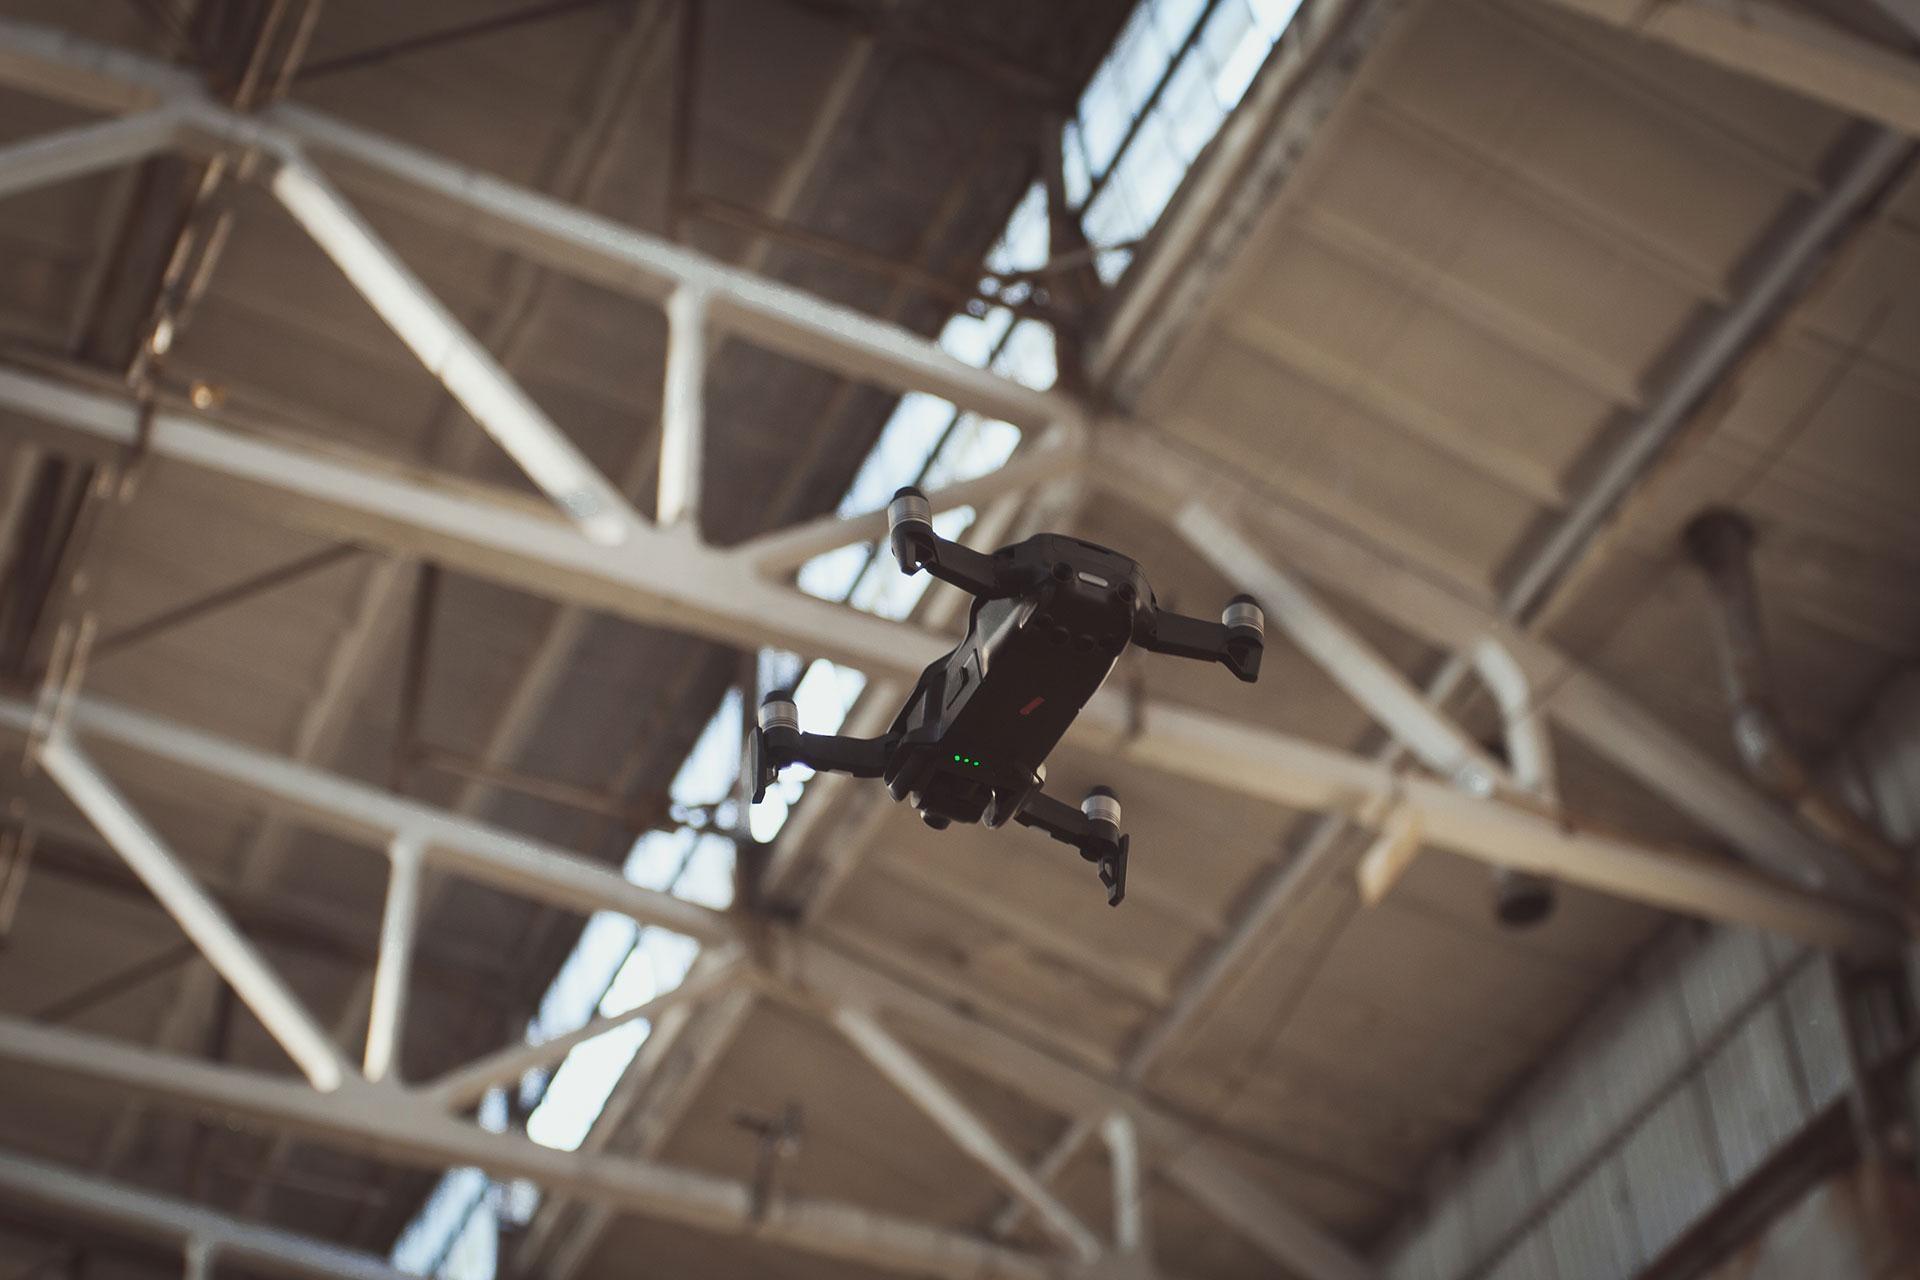 ロボット Insight 物流自動化に役立つロボットが製造業で注目